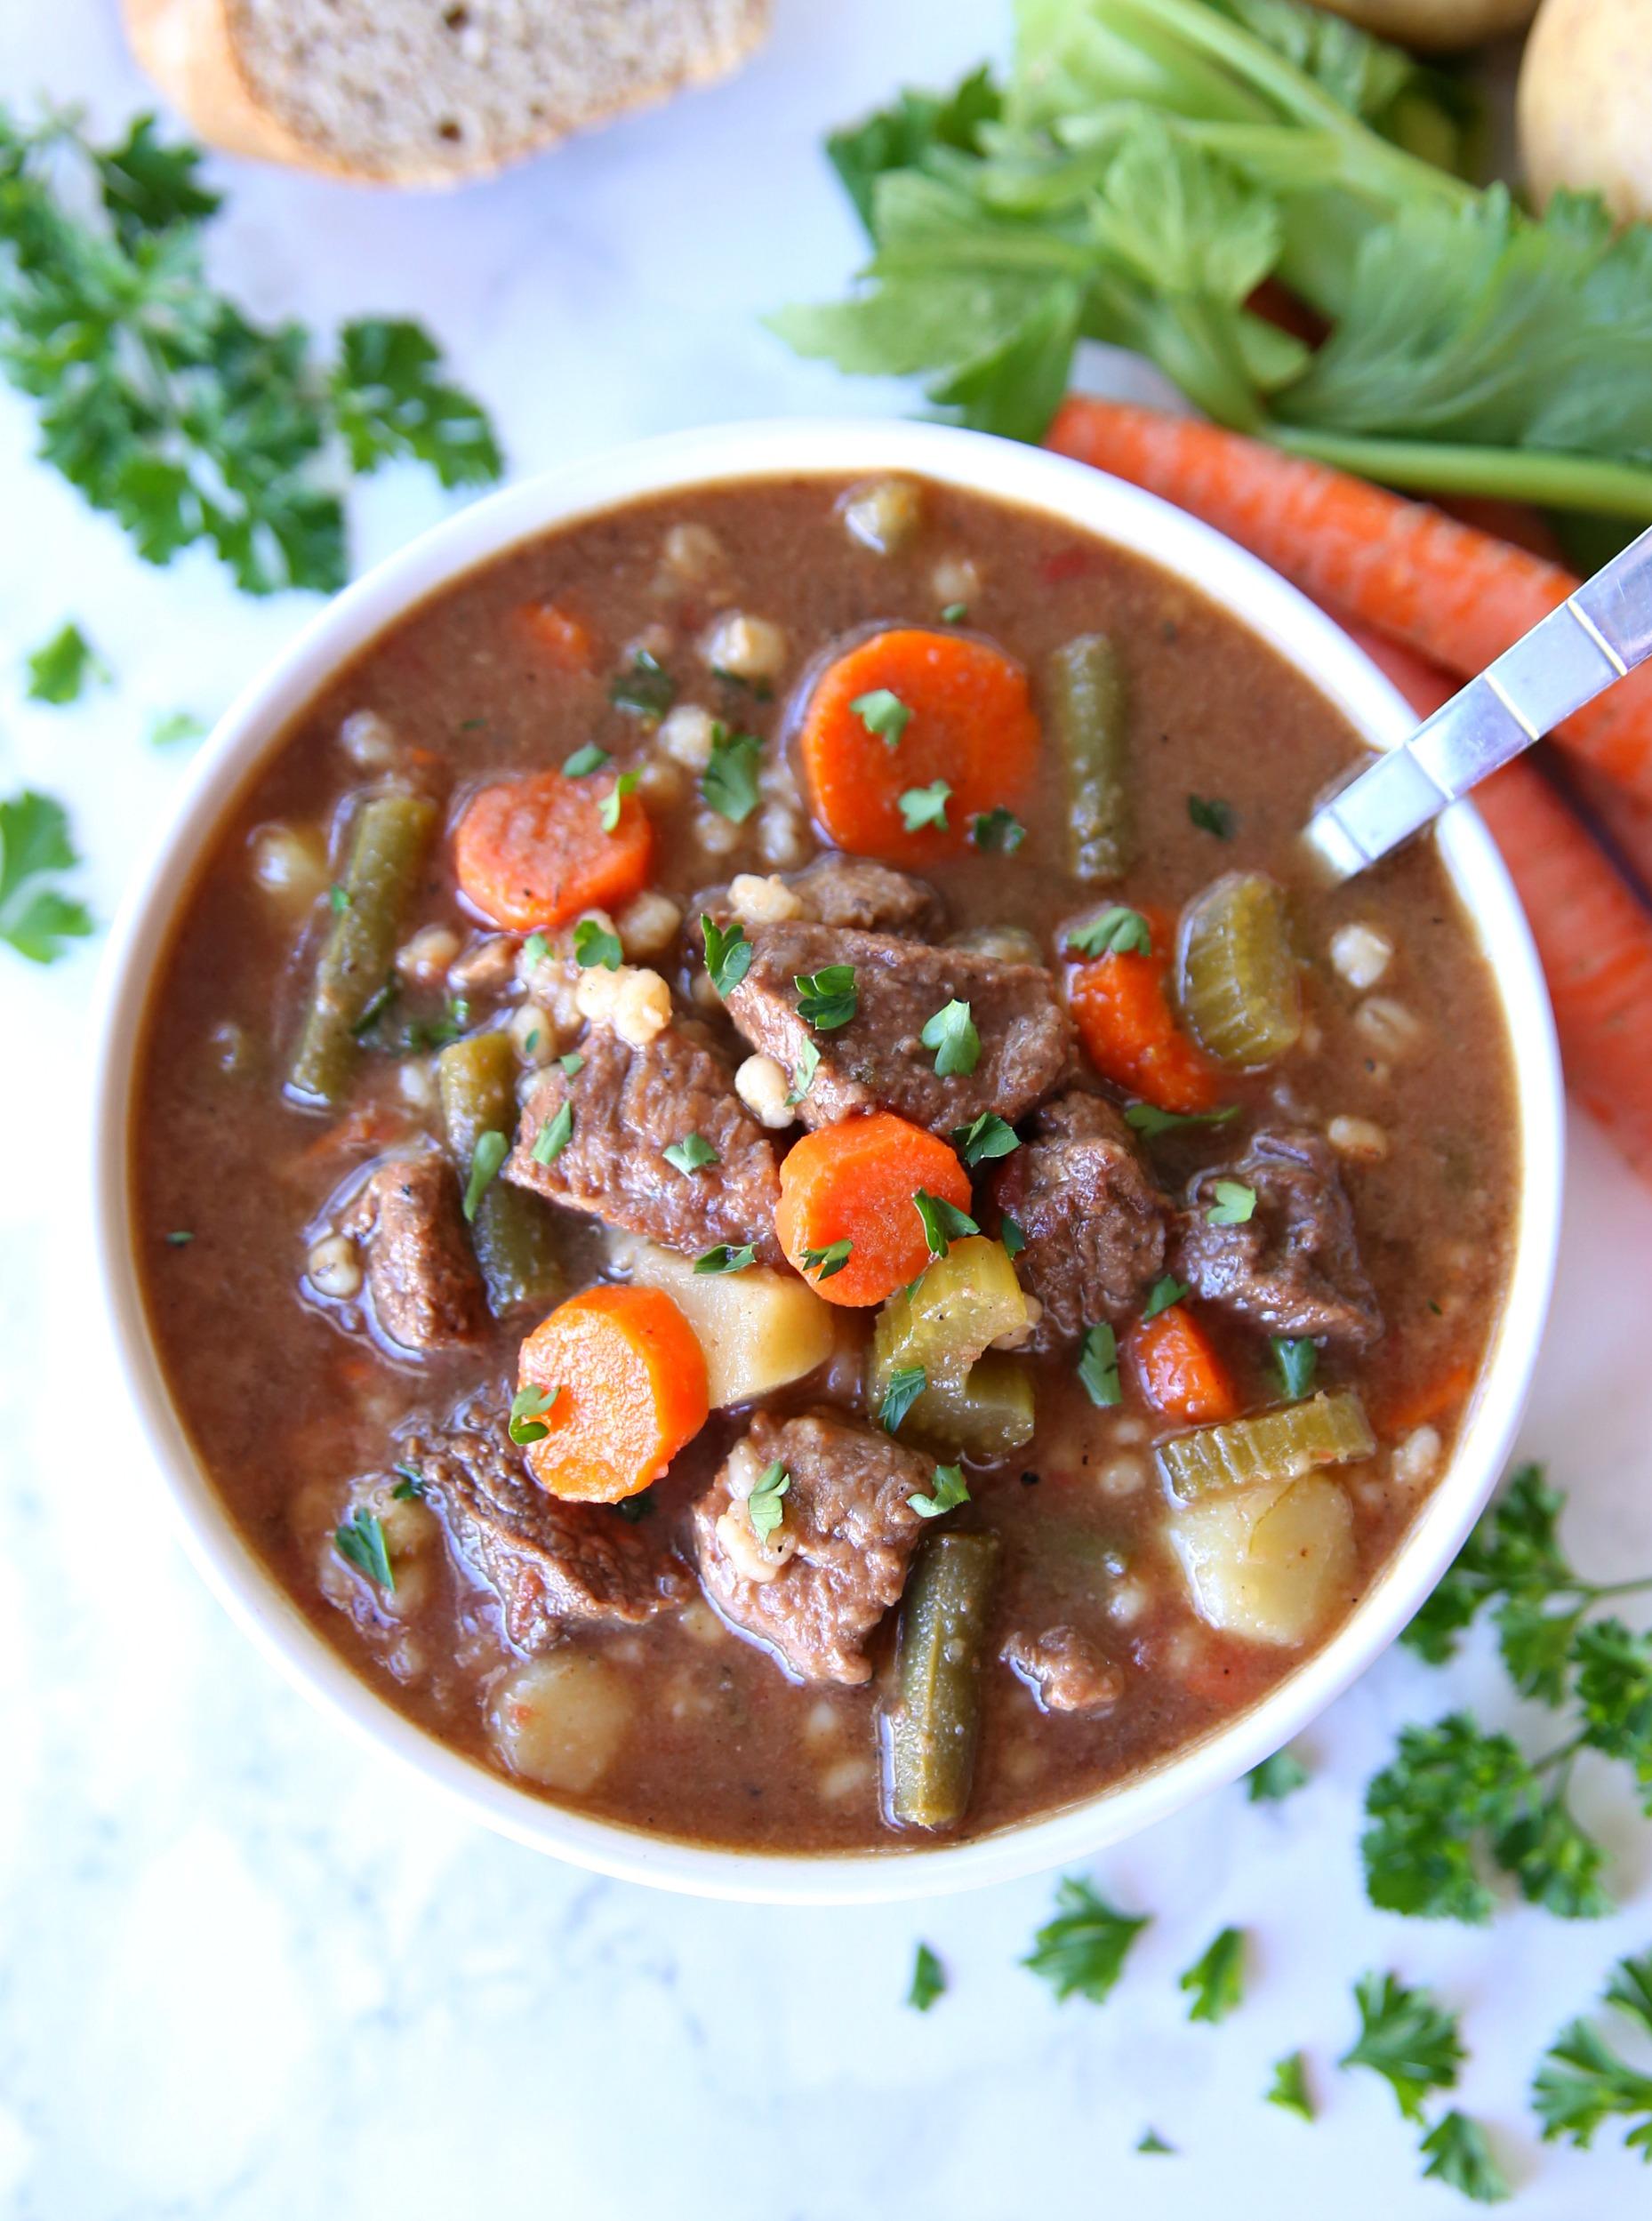 Beef Barley Vegetable Soup in bowl